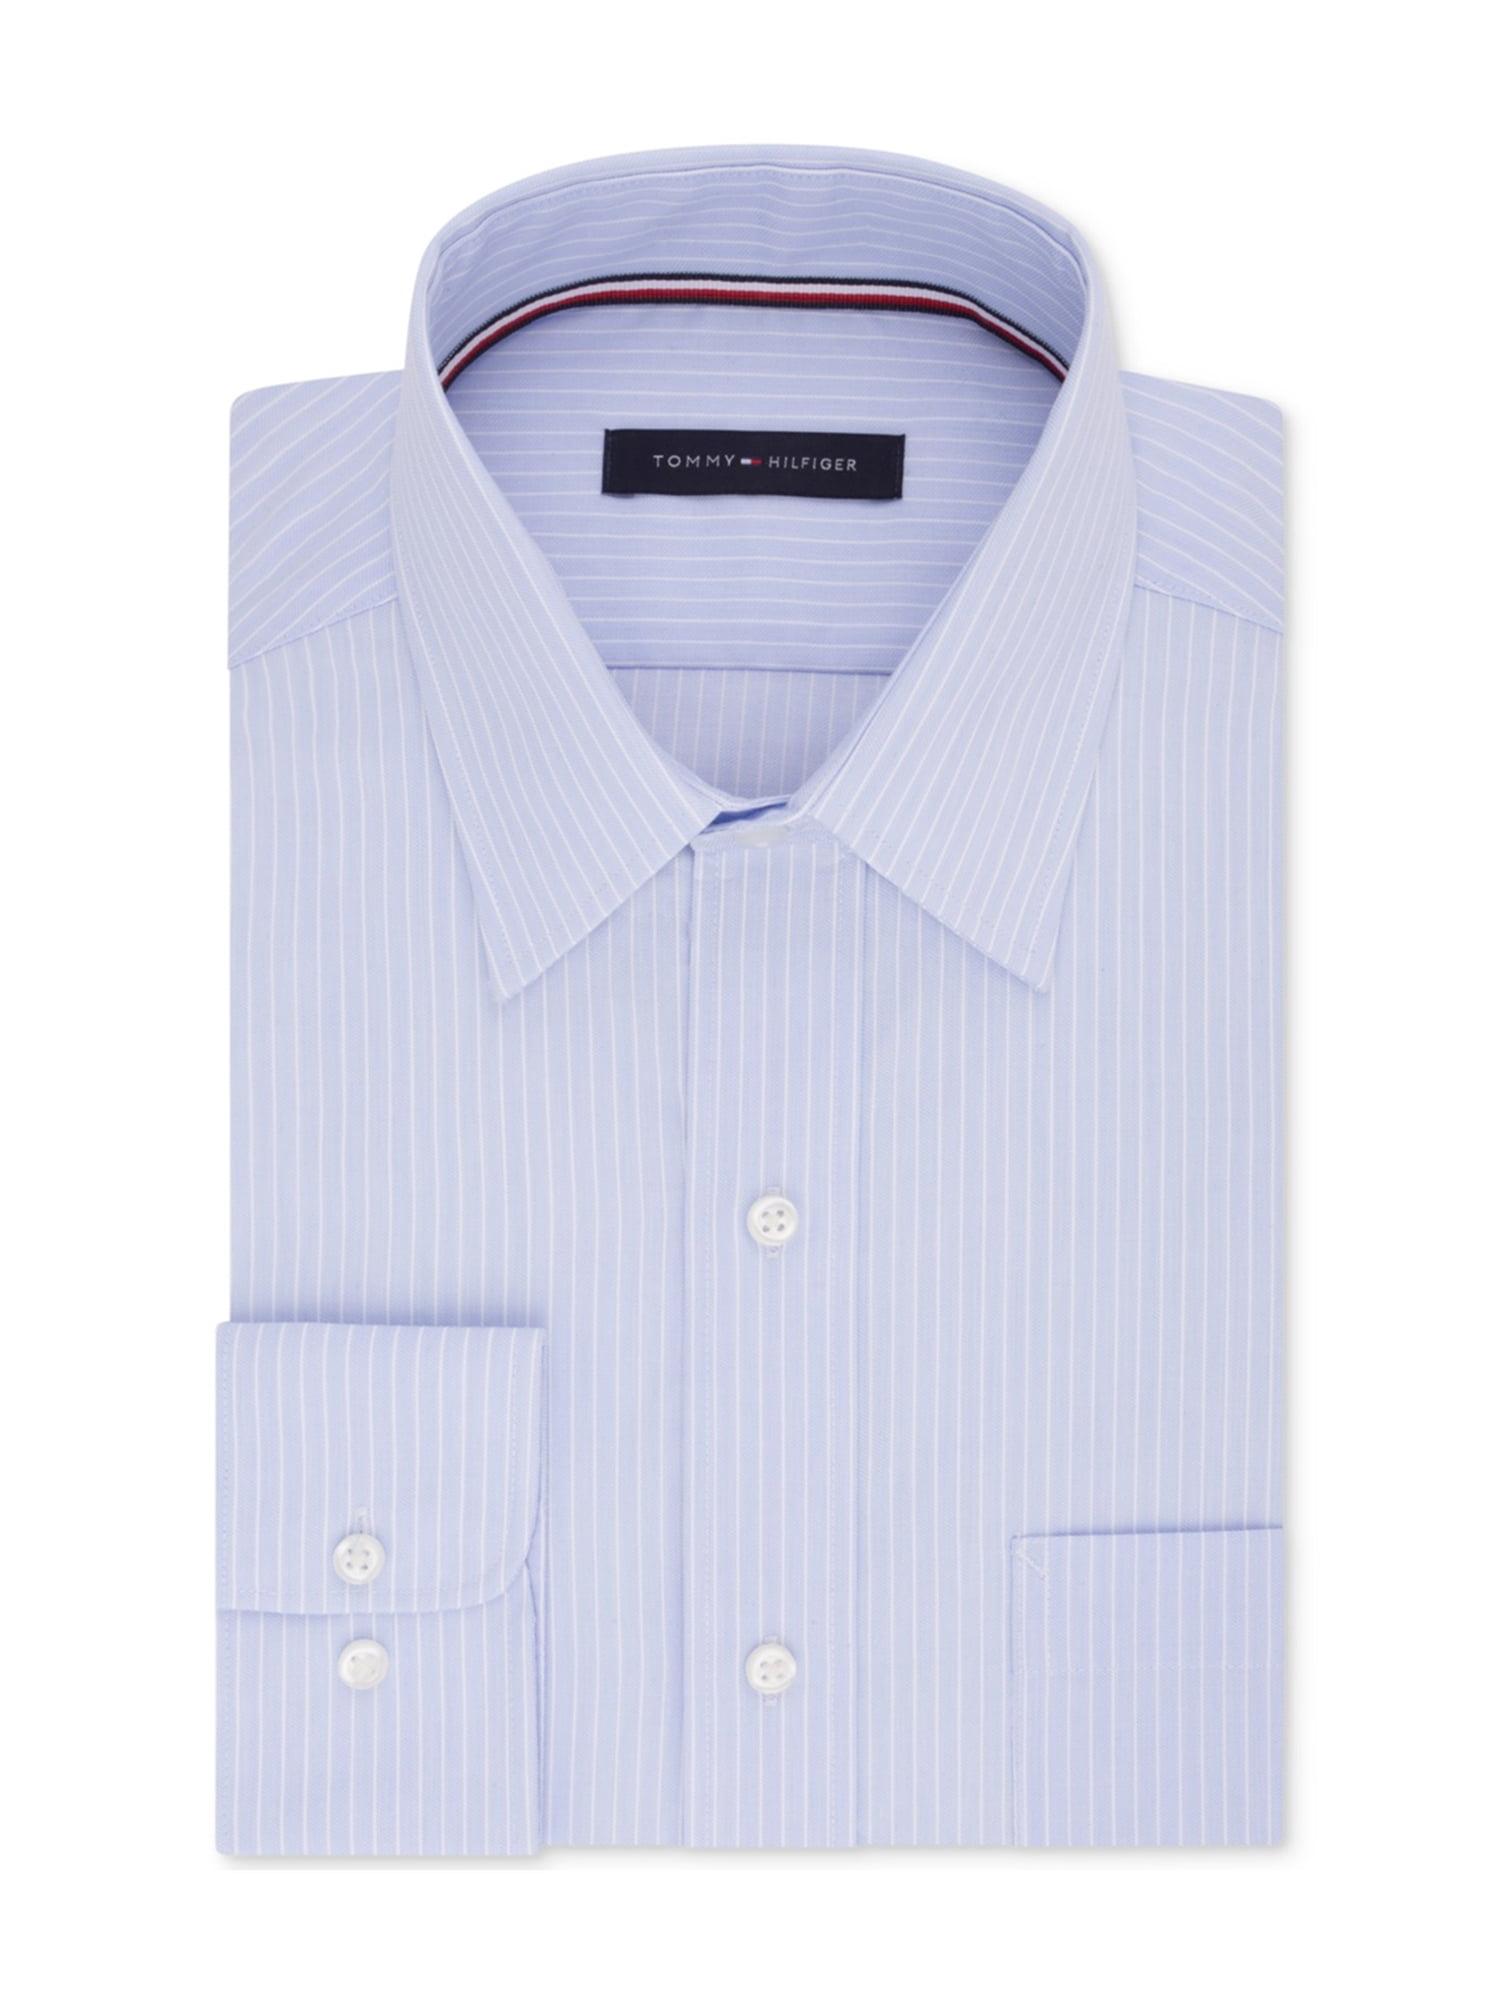 754a1638 Tommy Hilfiger Mens Twill Button Up Dress Shirt softblue 18 1/2 ...